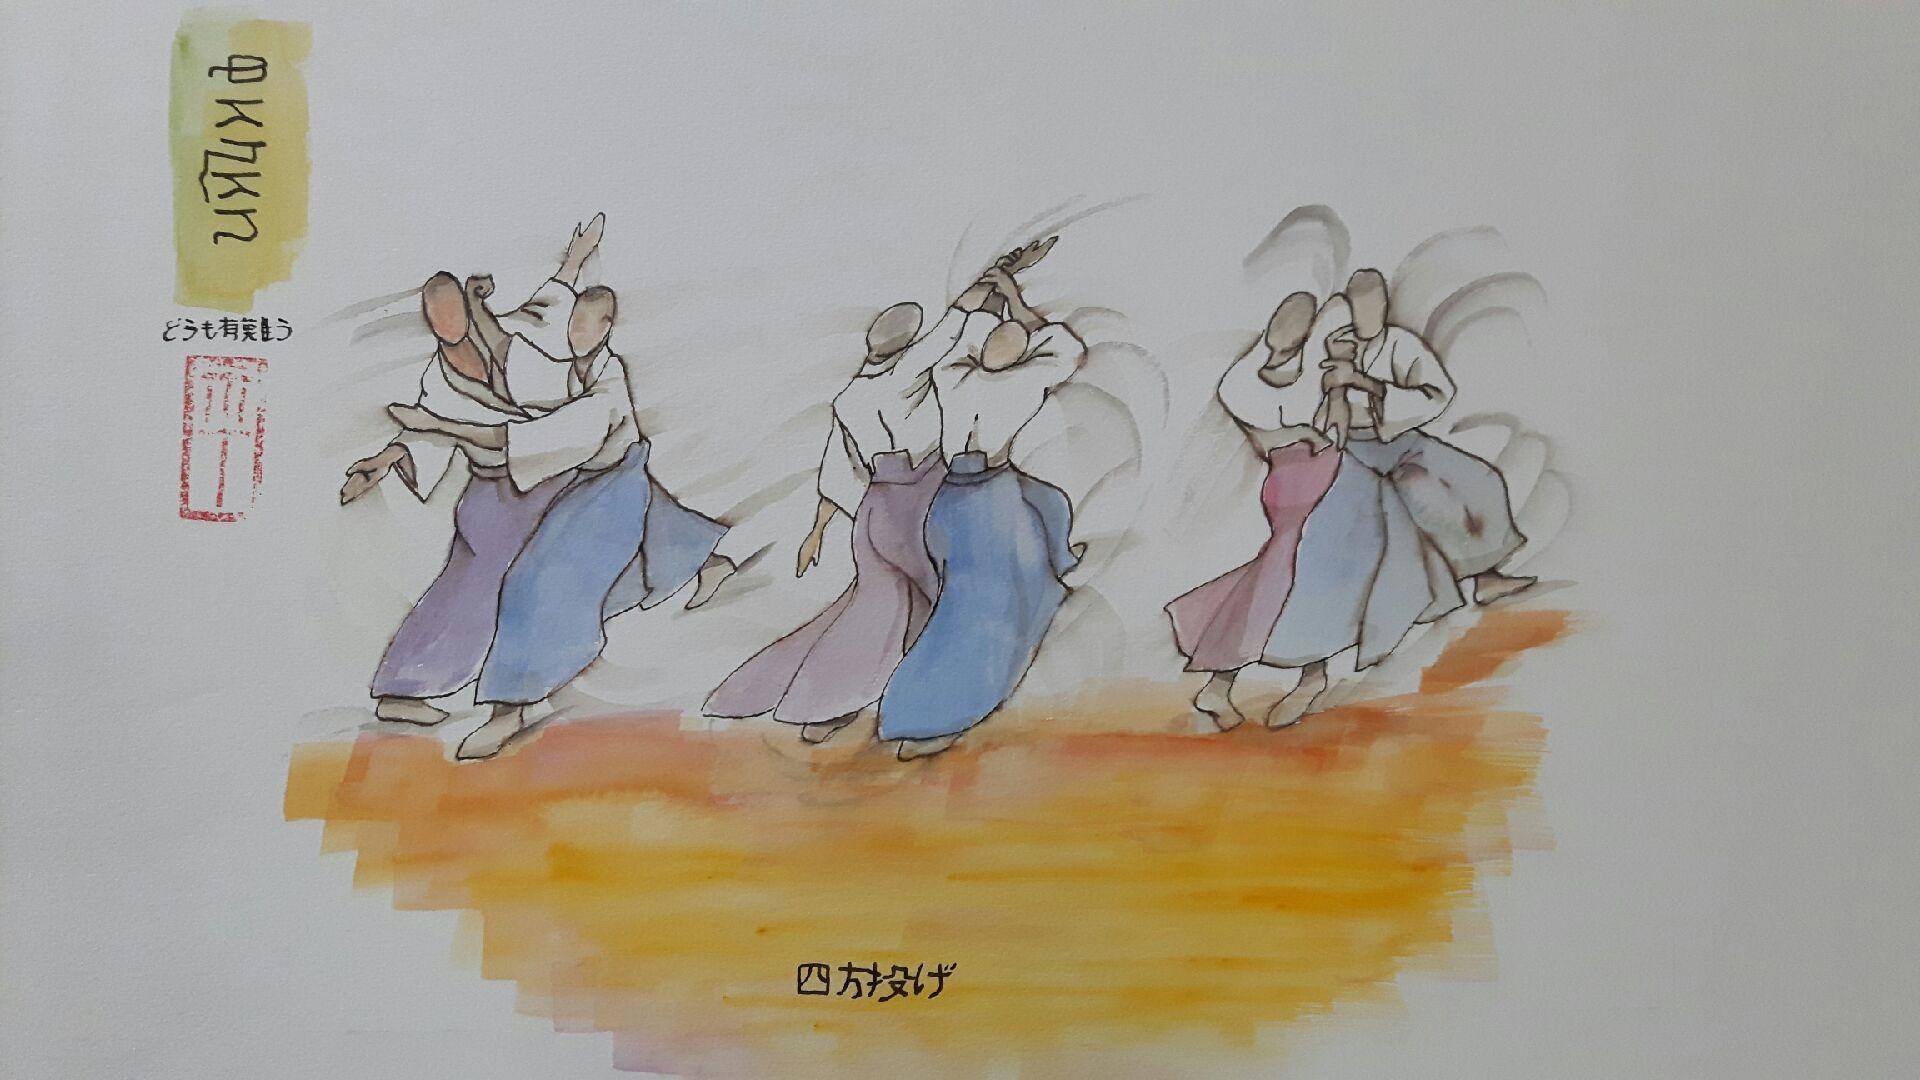 Shiho nage